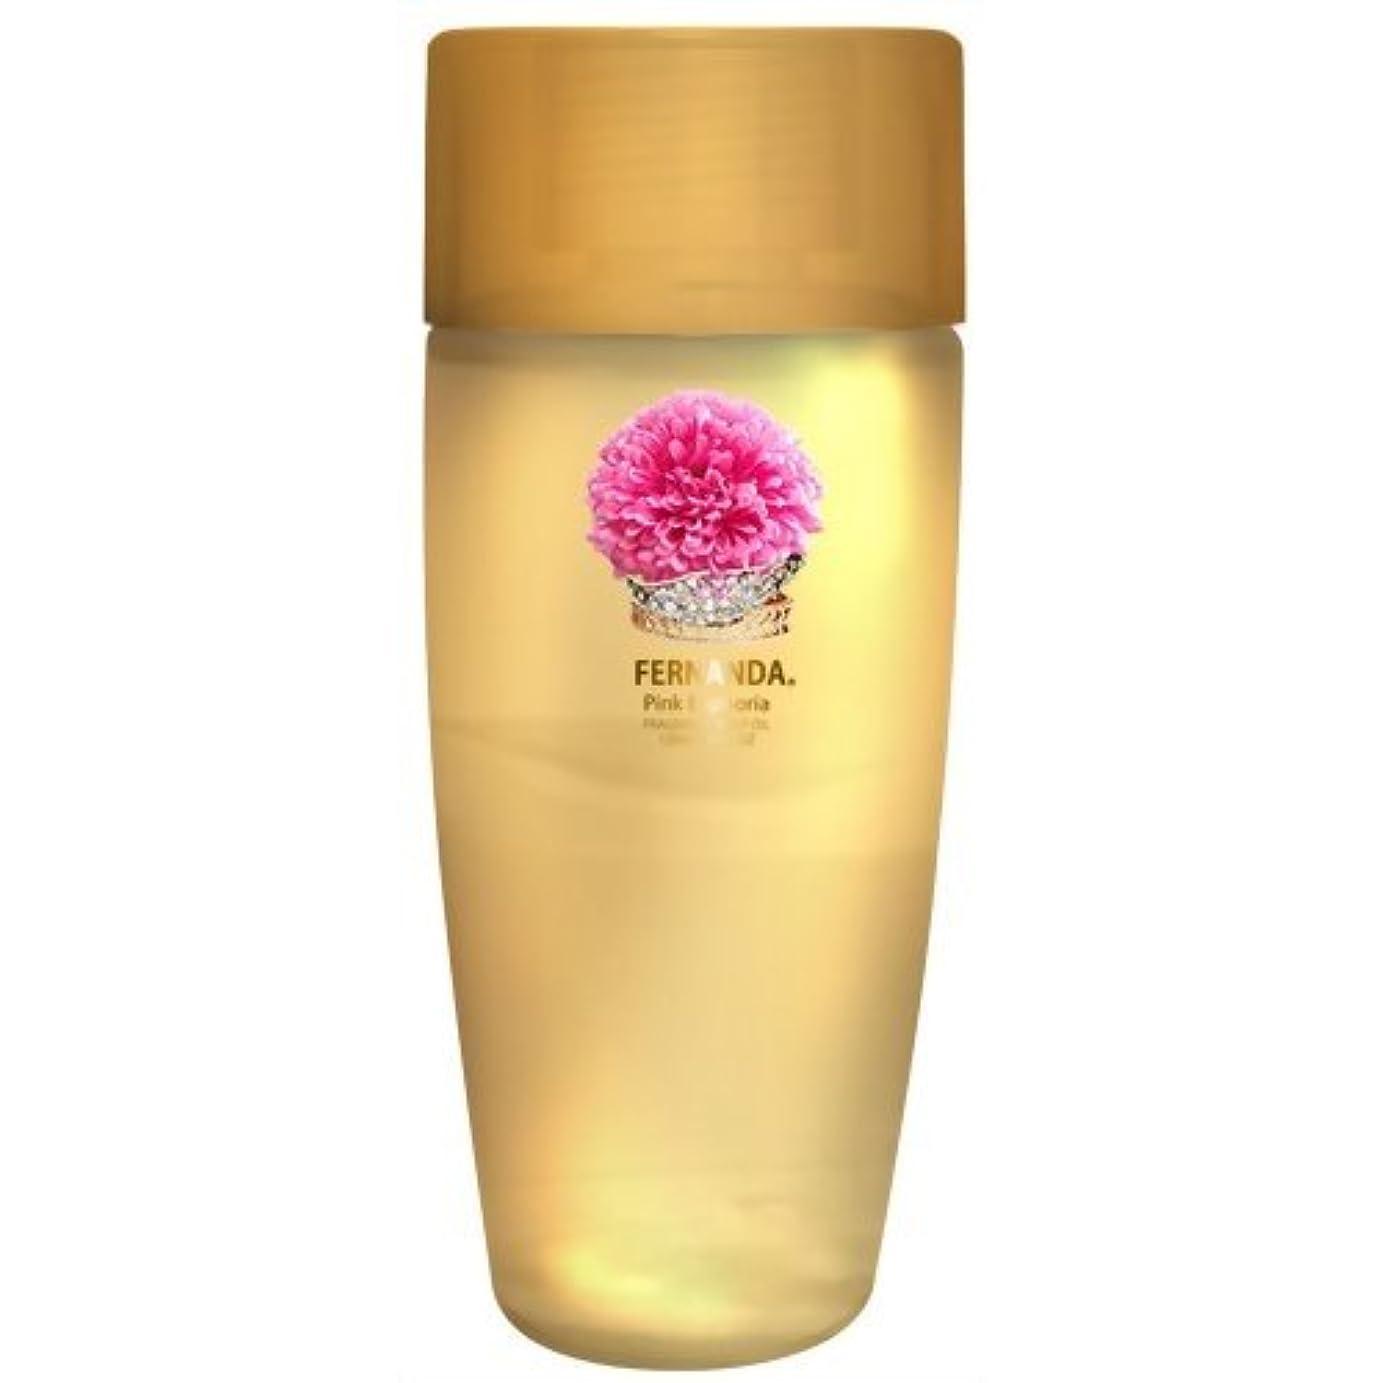 全滅させるコメンテーター思春期のFERNANDA(フェルナンダ) Body Oil Pink Euphoria (ボディ オイル ピンクエウフォリア)